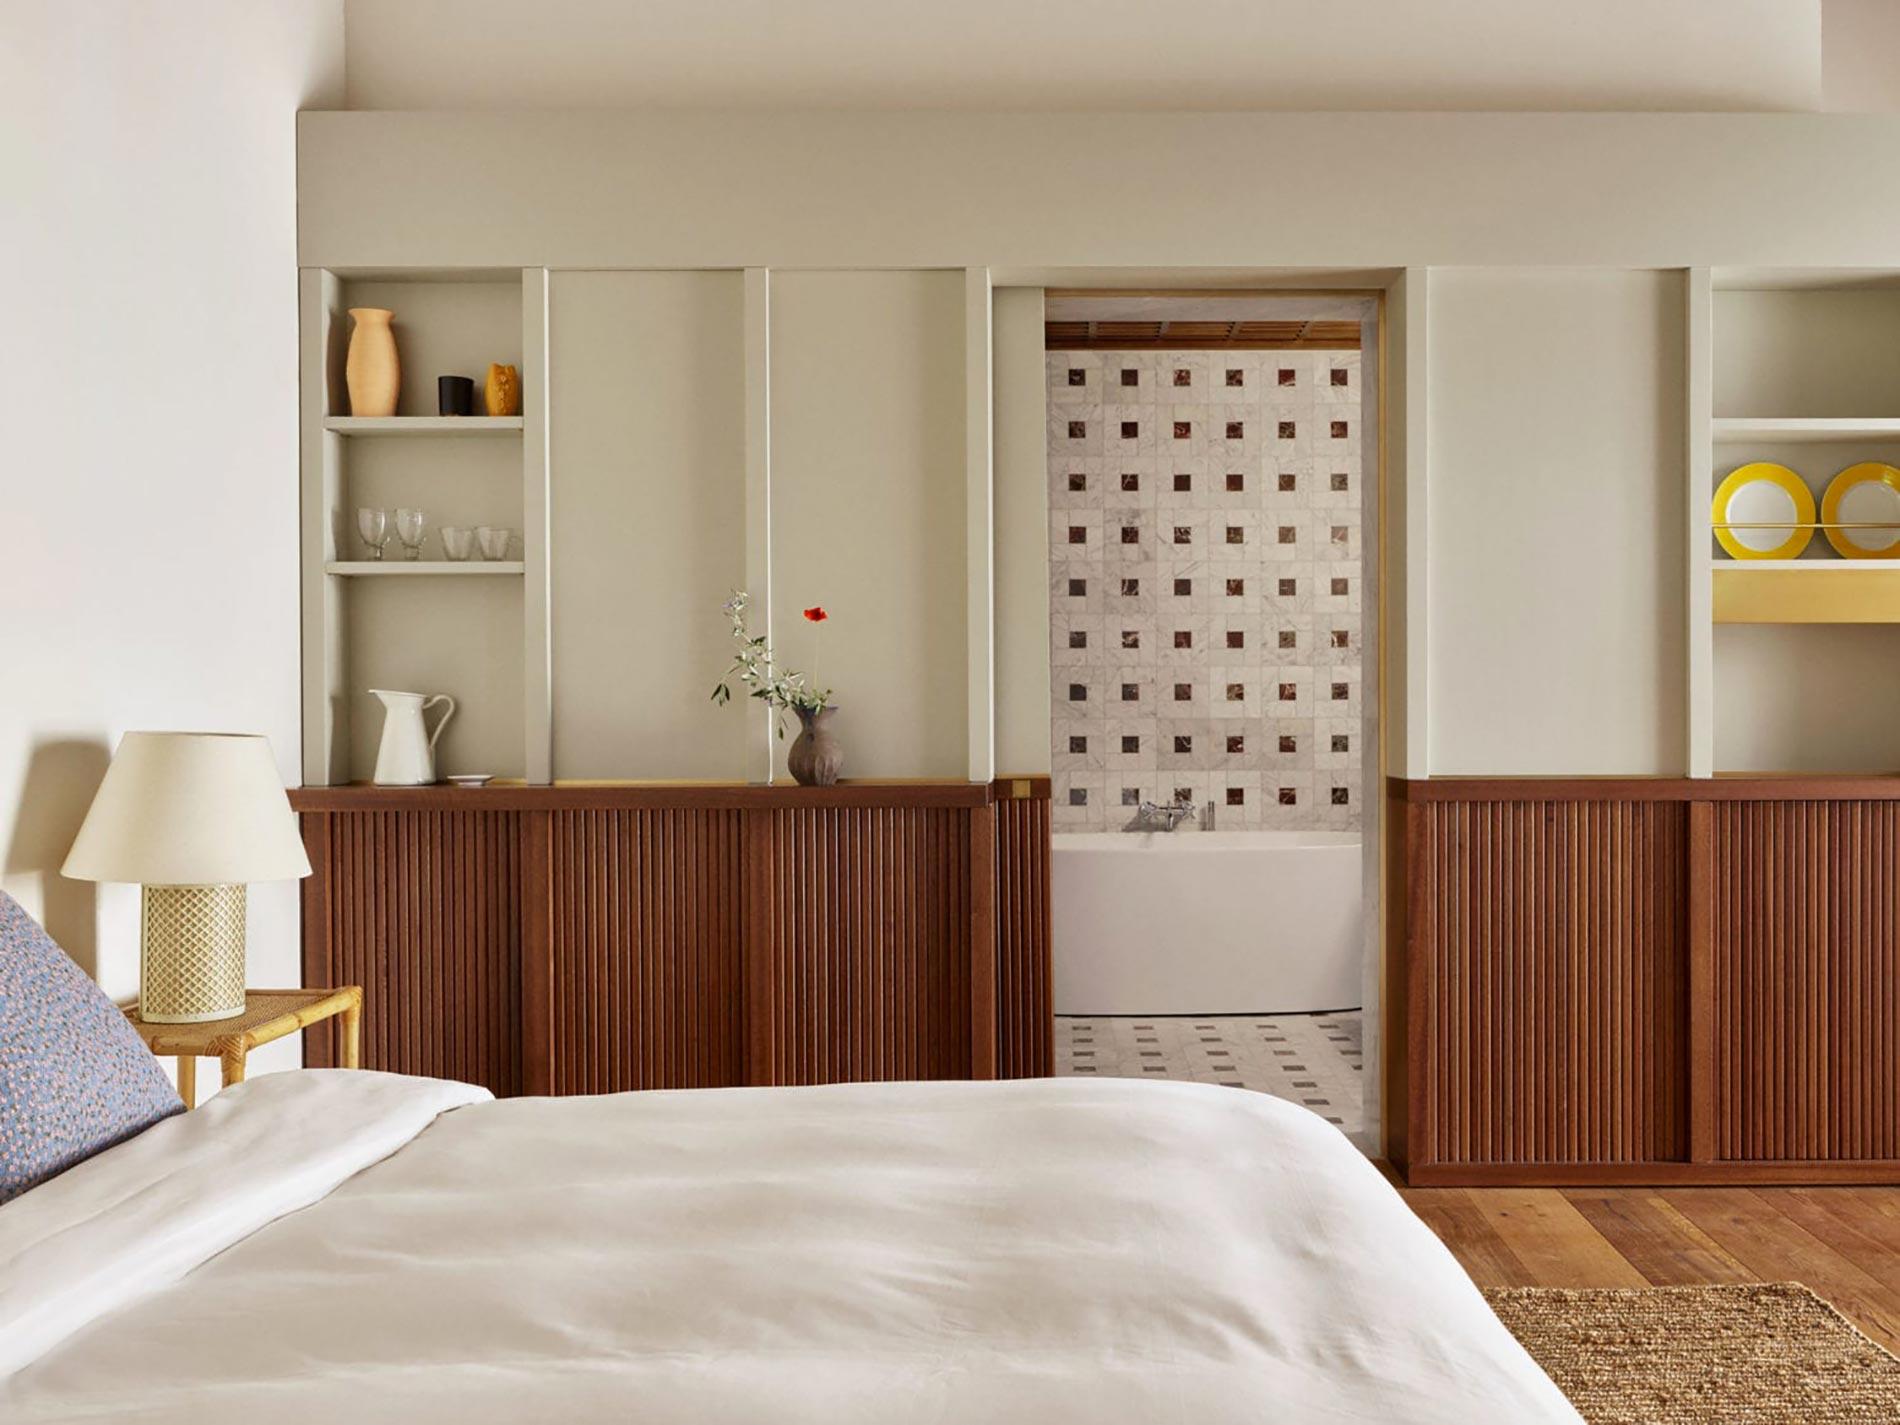 vacanza in italia villa lena camera da letto